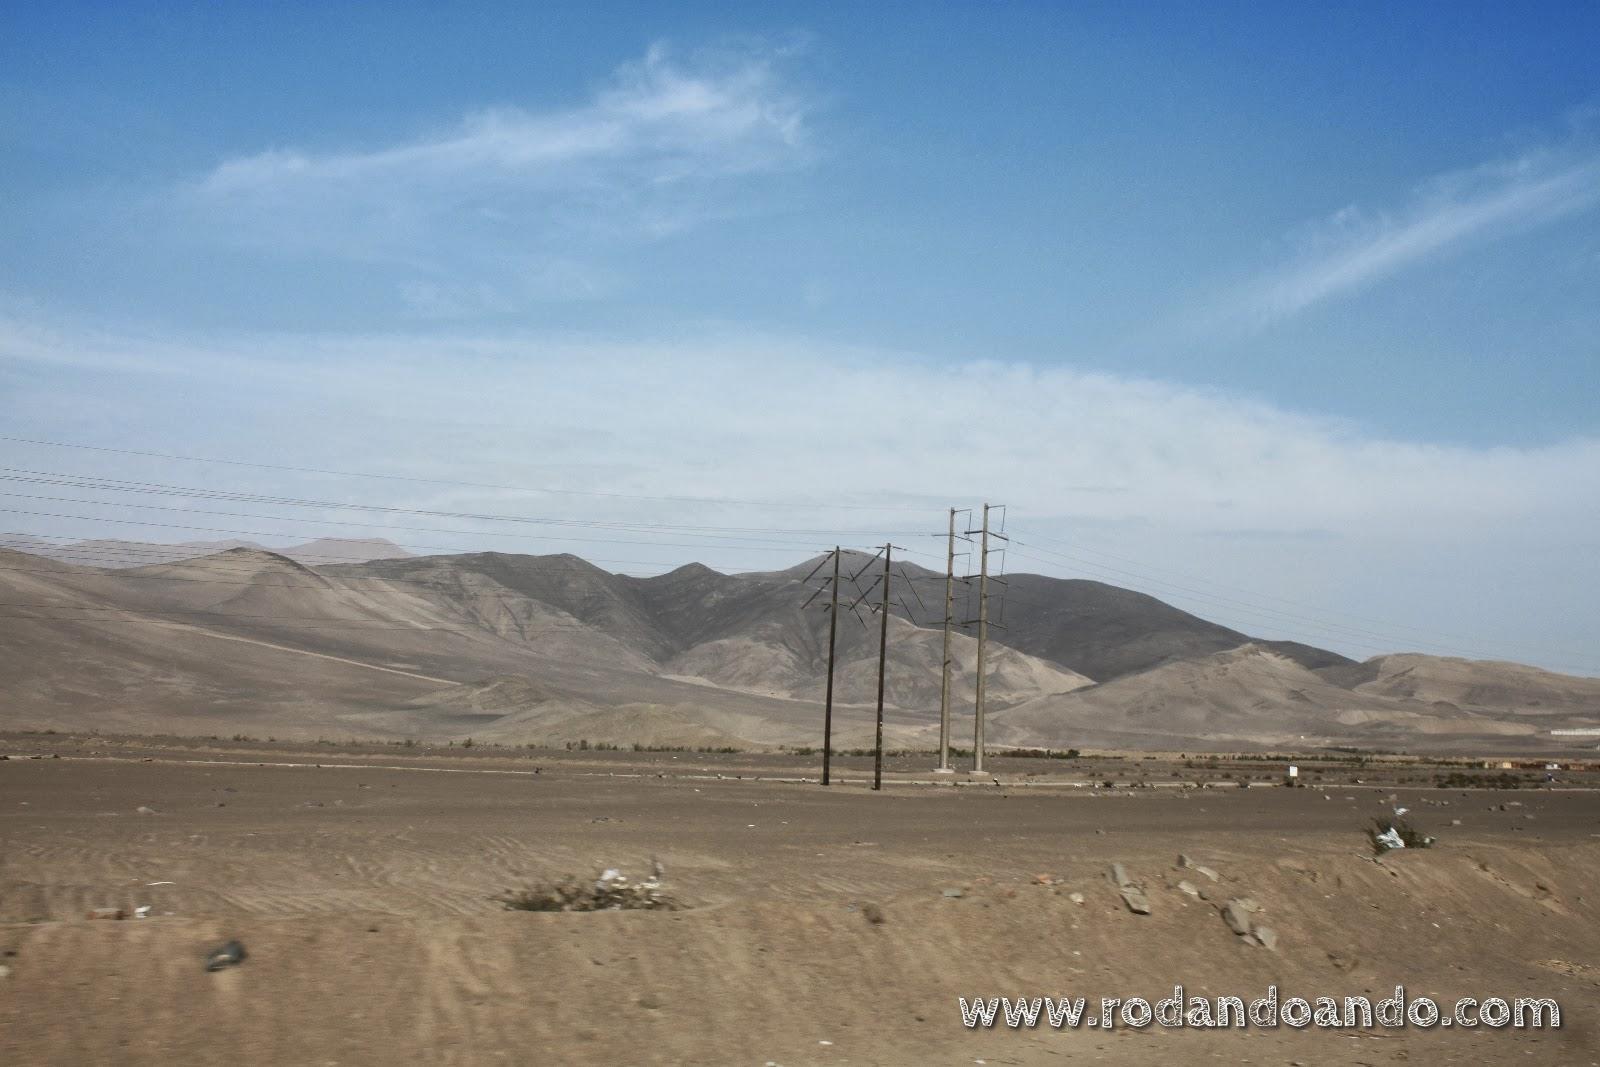 Alrededores de Lima: desértico